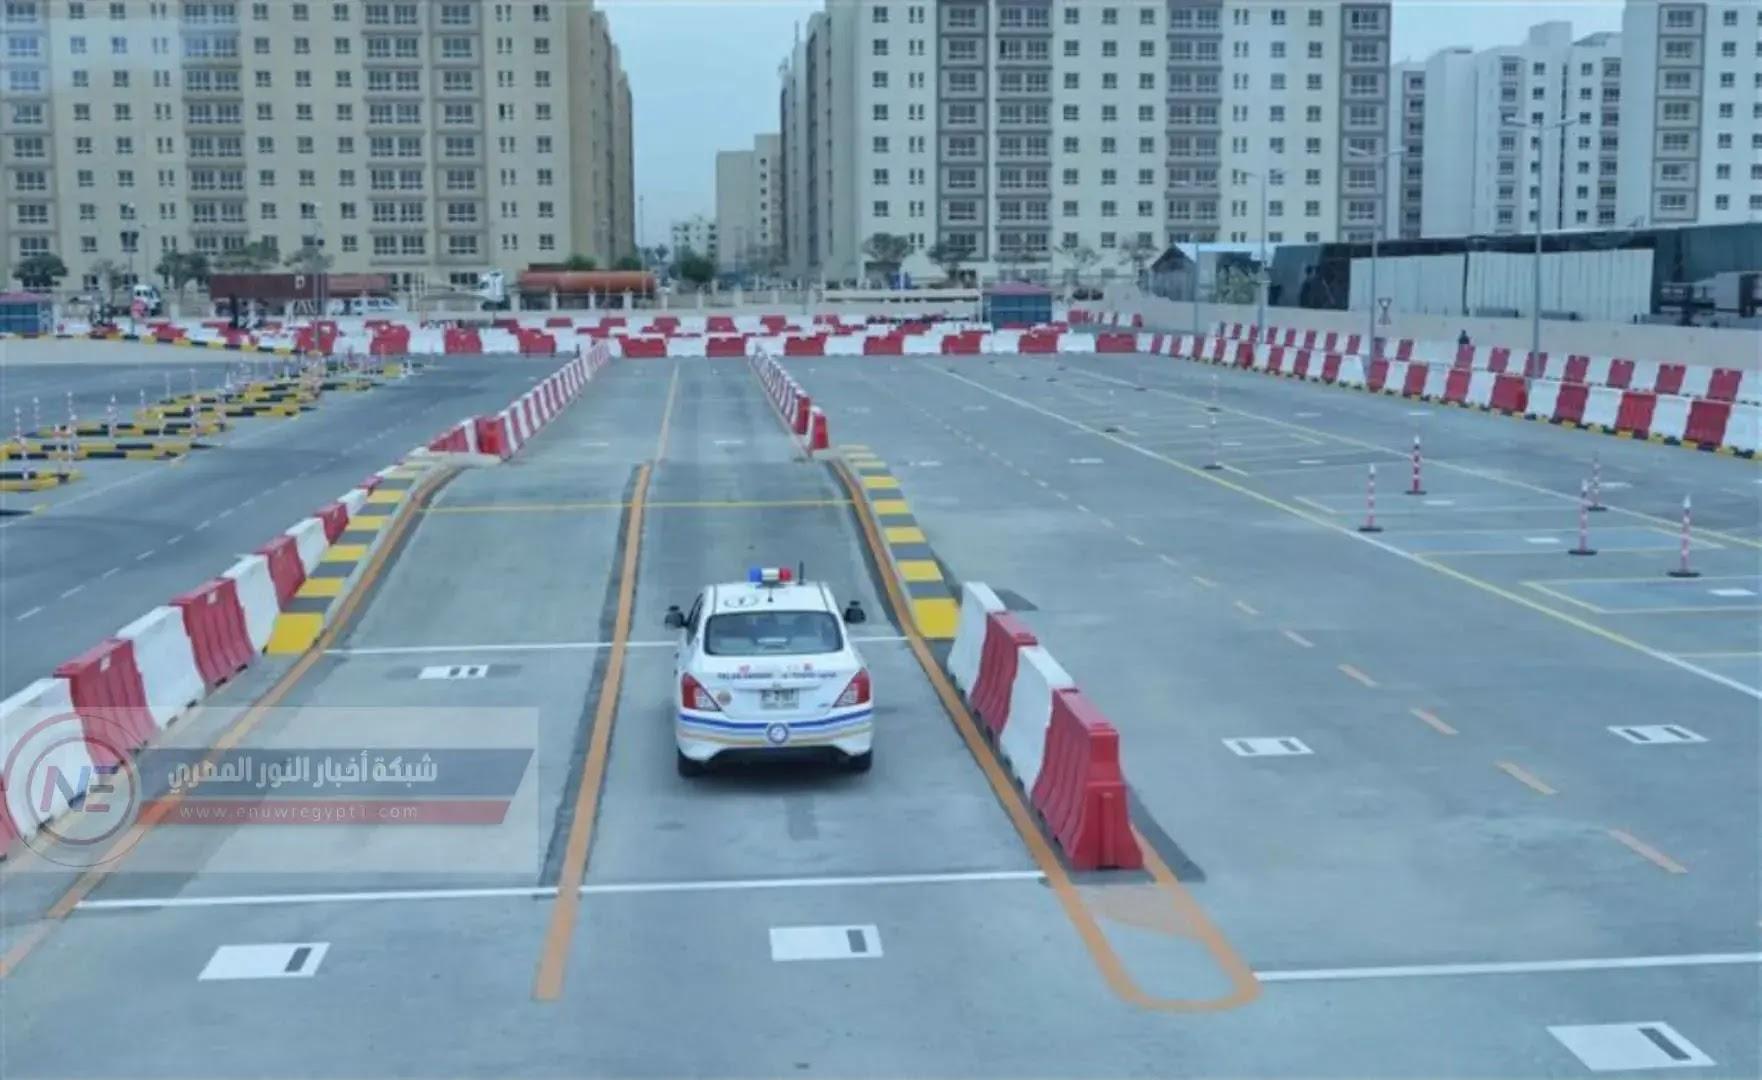 5 أخطاء شائعة يجب تجنبها أثناء اختبار القيادة في الإمارات العربية المتحدة